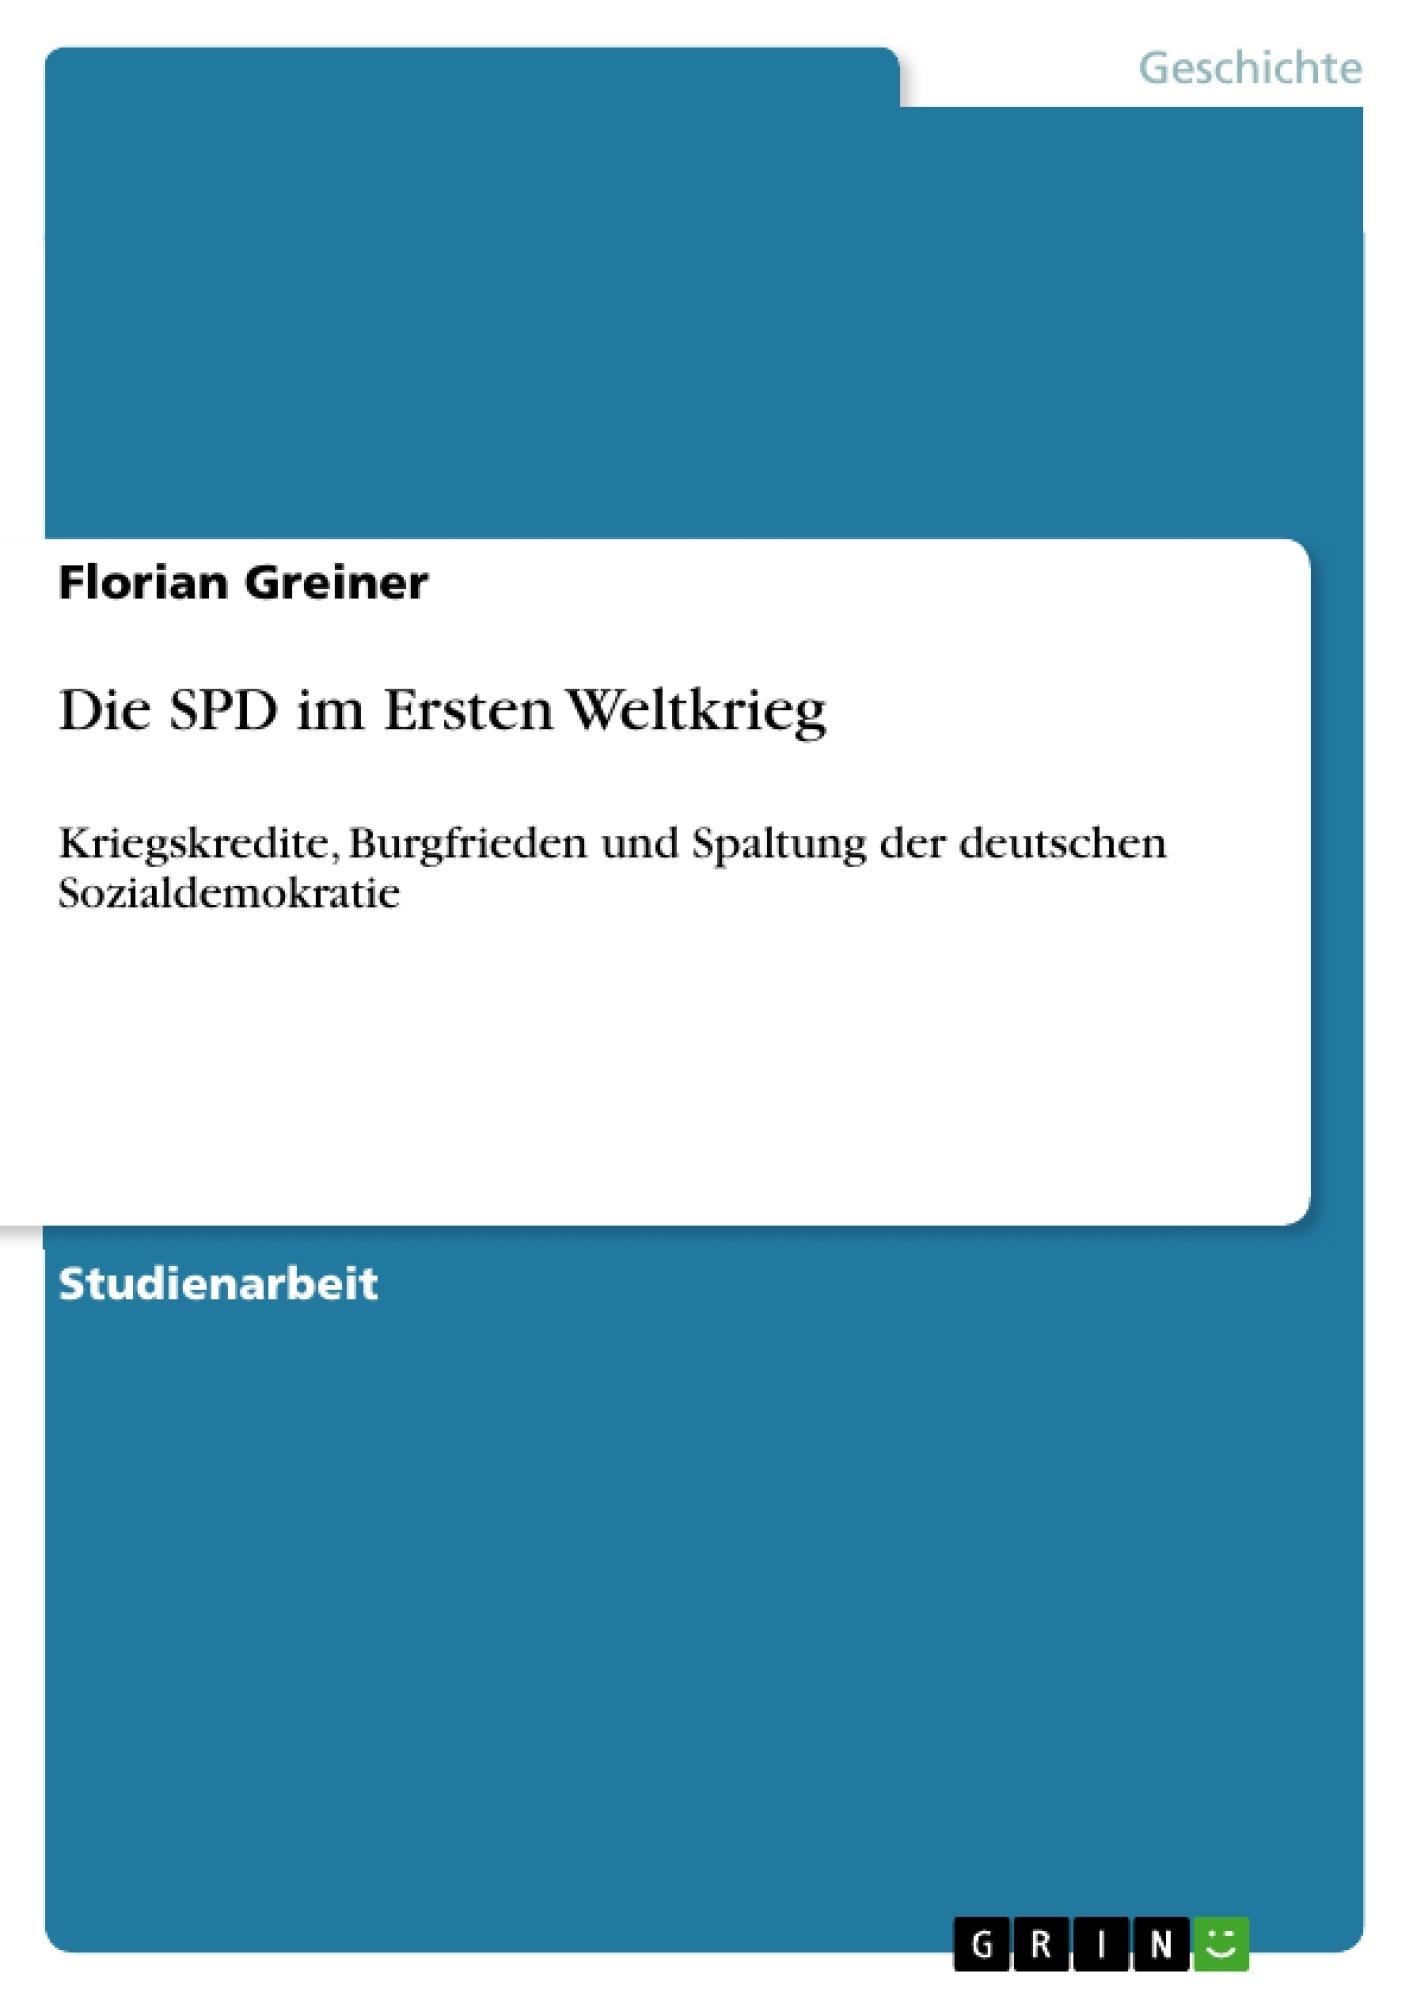 Titel: Die SPD im Ersten Weltkrieg